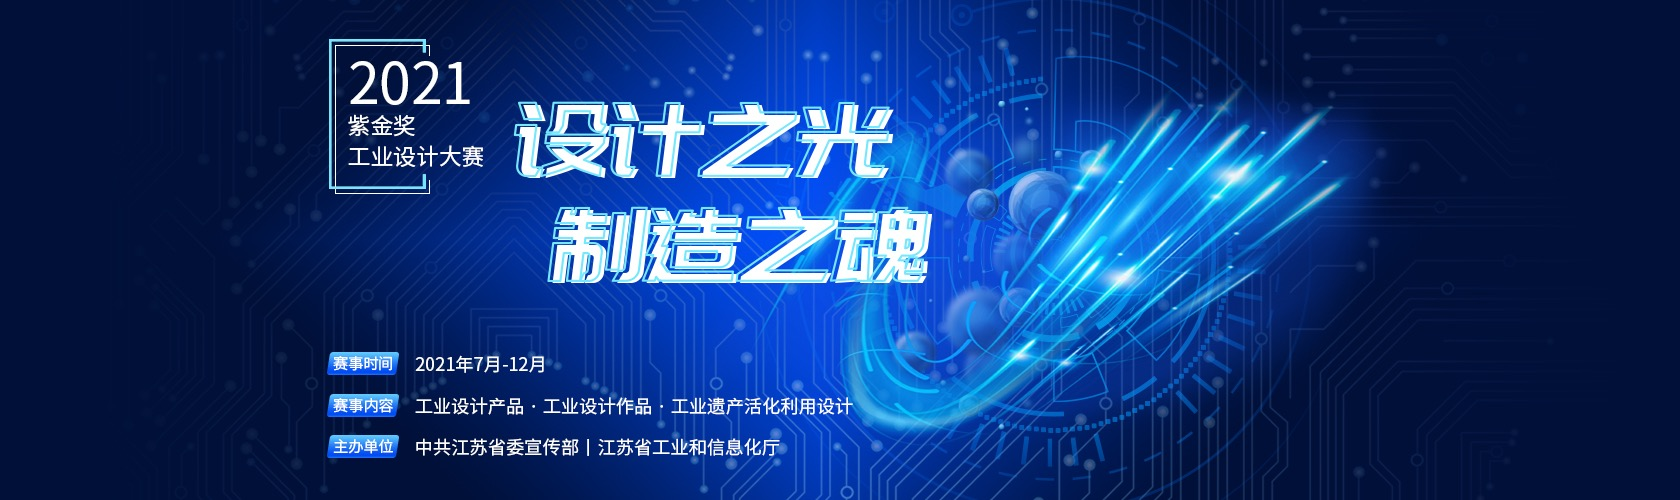 """2021""""紫金奖•工业设计大赛""""•工业遗产活化利用设计赛"""